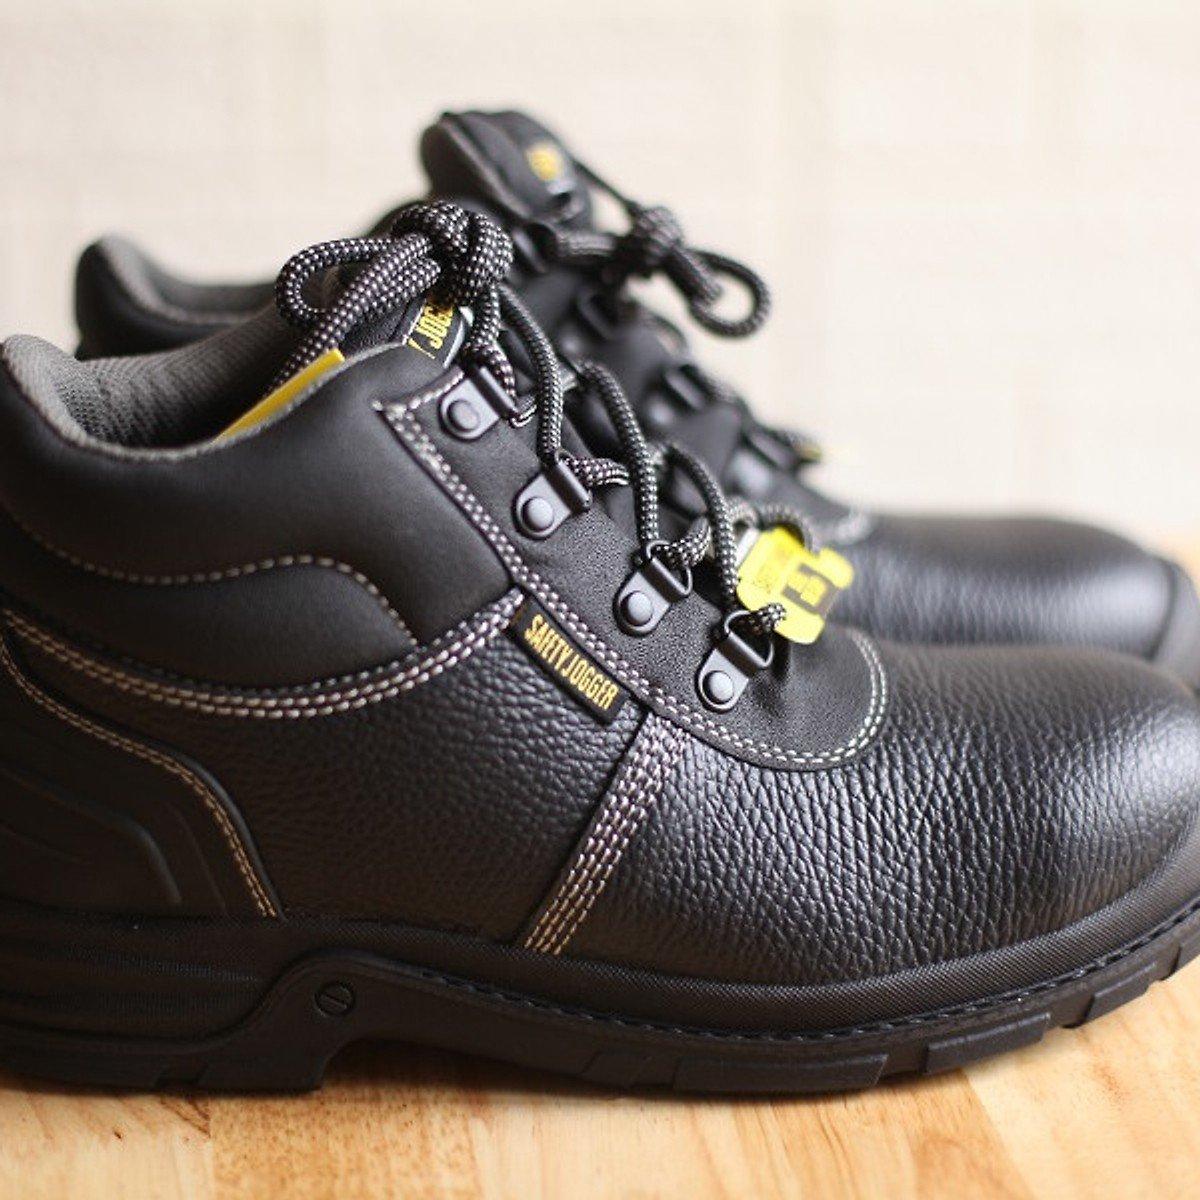 Chất liệu da có độ cứng cao và đàn hồi kém khiến cho size giày bảo hộ dường như nhỏ lại